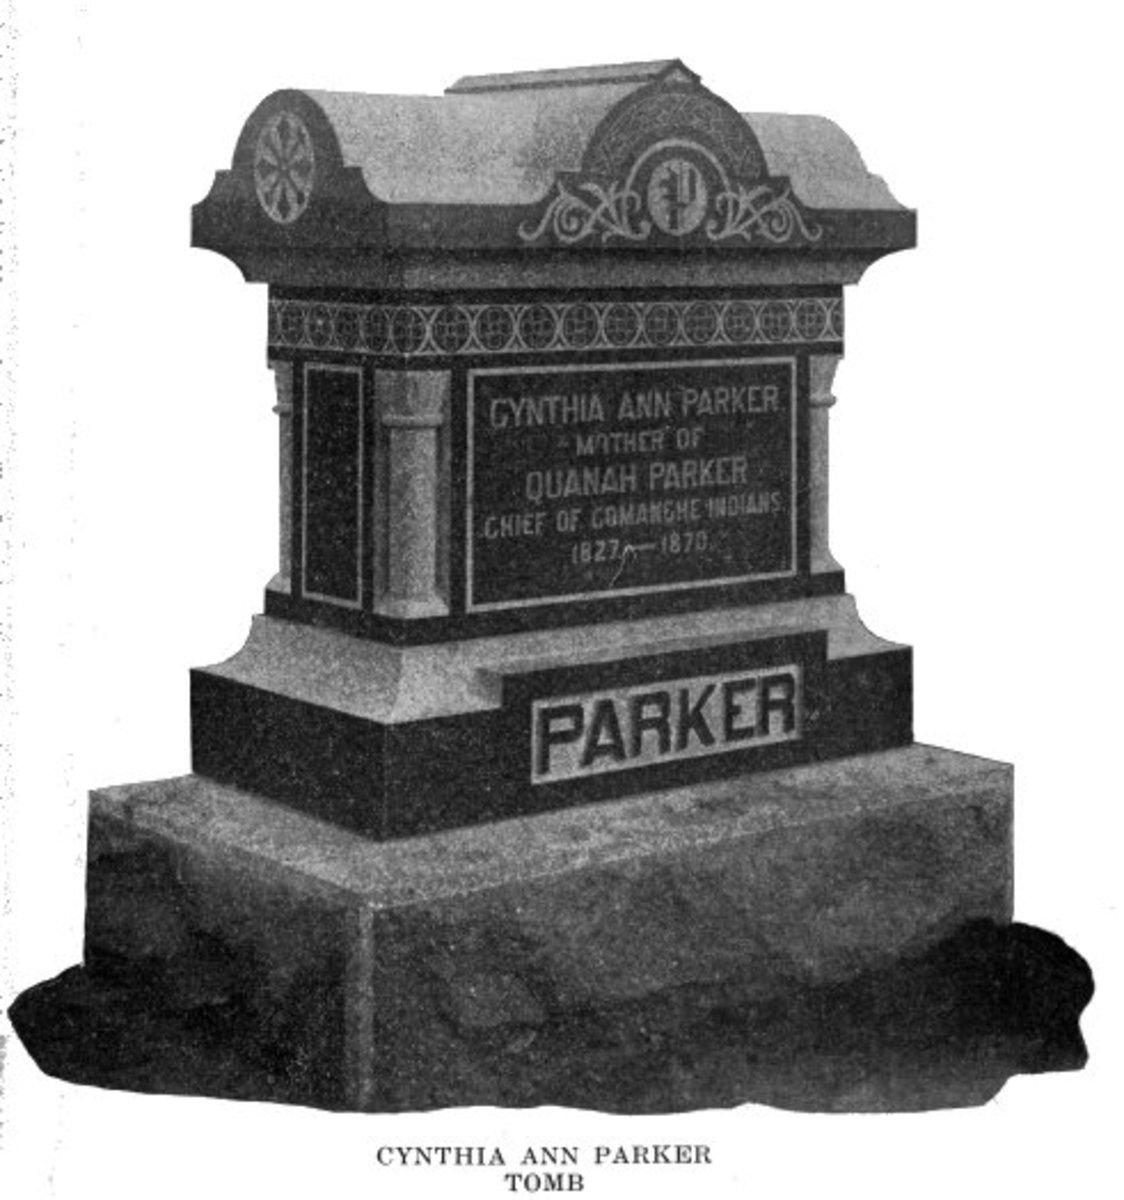 Cynthia Ann Parker's tomb